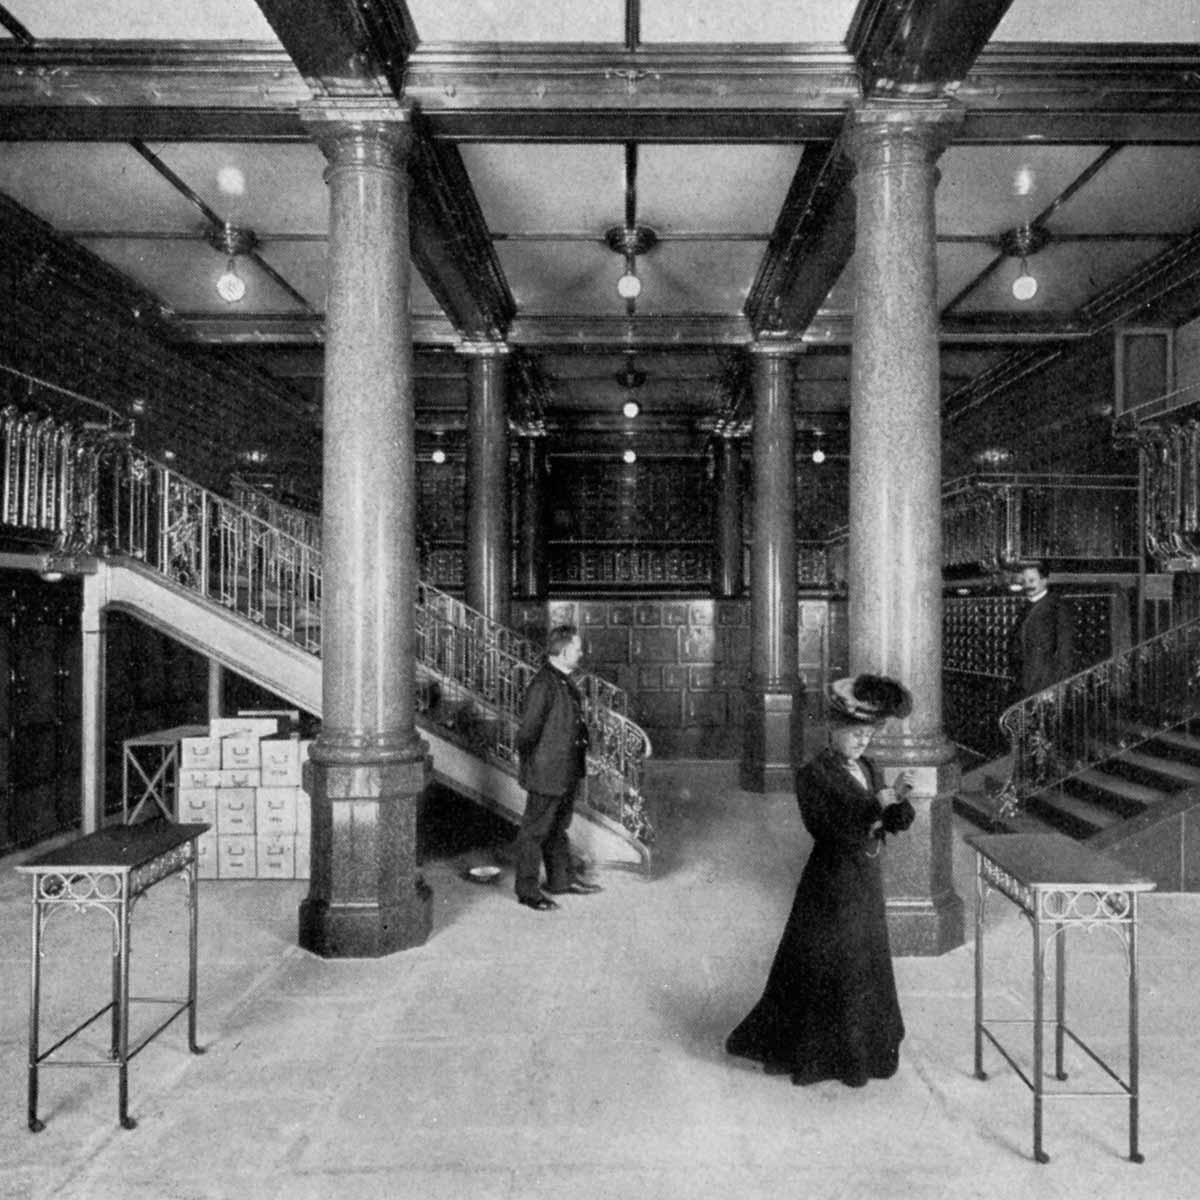 Historische Aufnahme Tresor Hotel de Rome